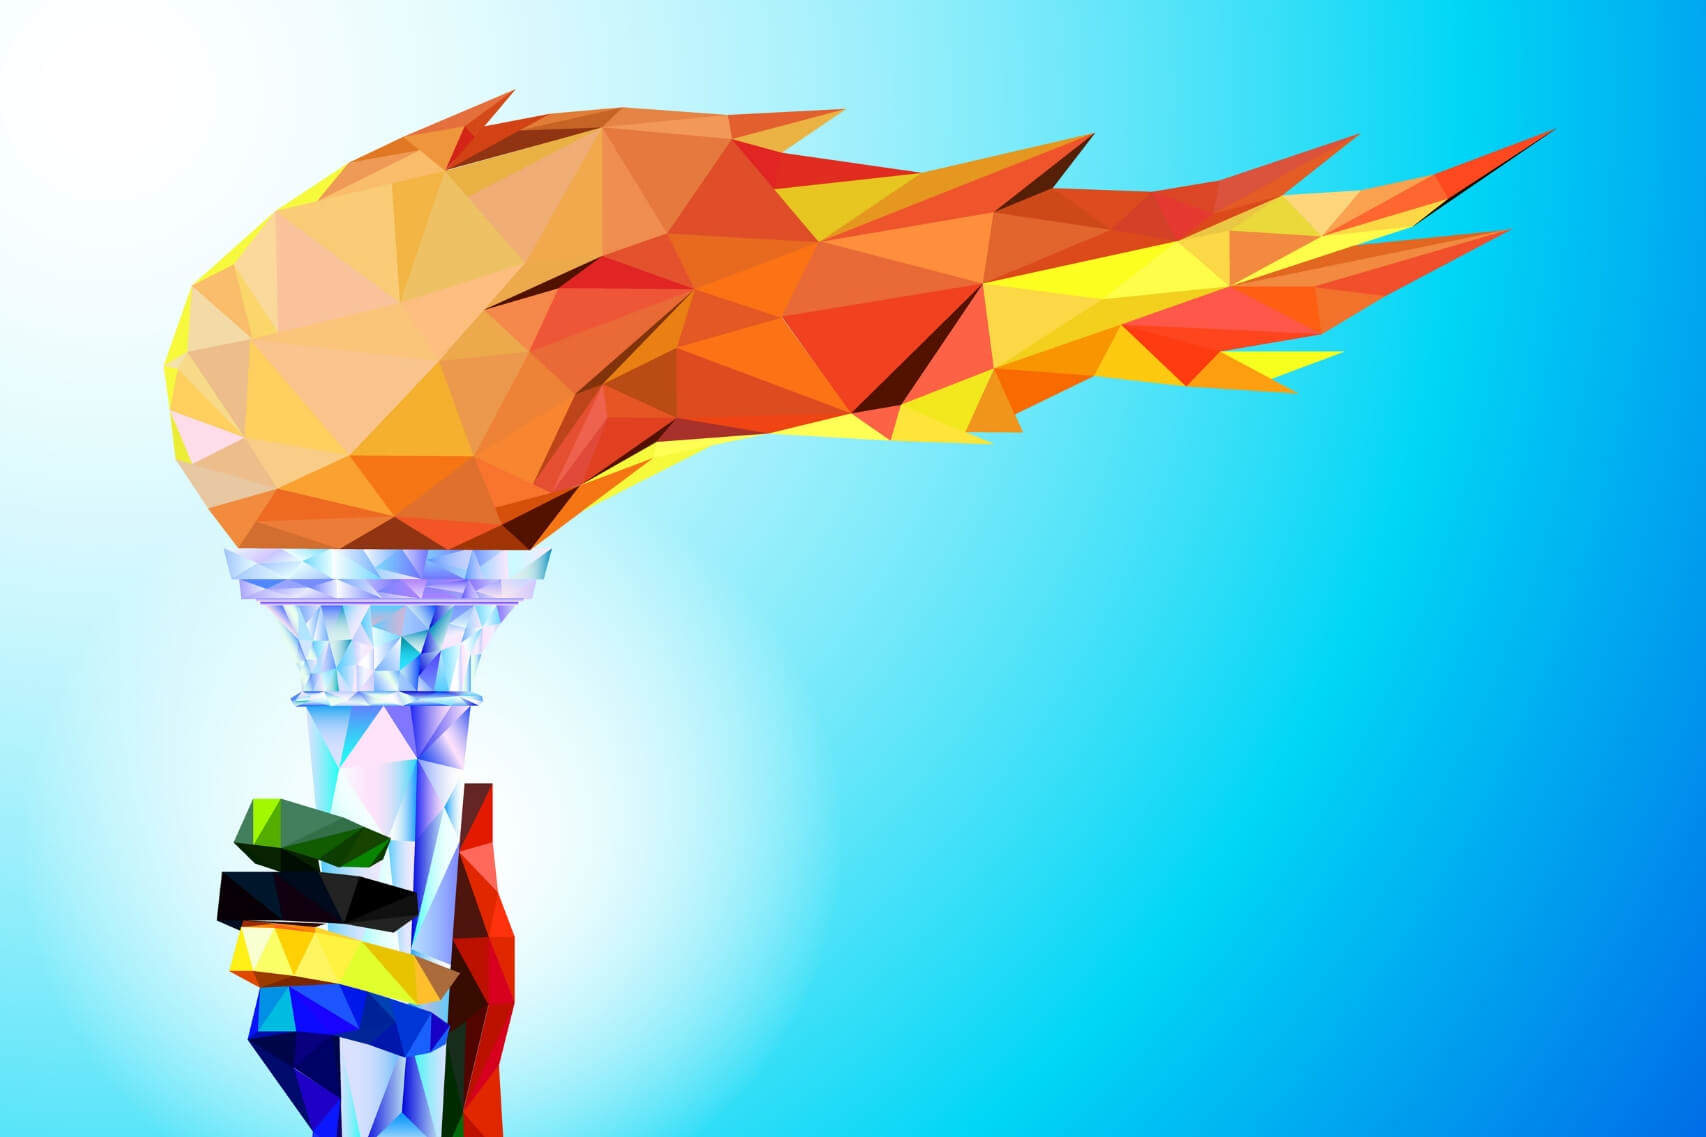 گفتگو با ضیا صدر در مورد ورود مشعل لایتنینگ (lightning torch) به ایران